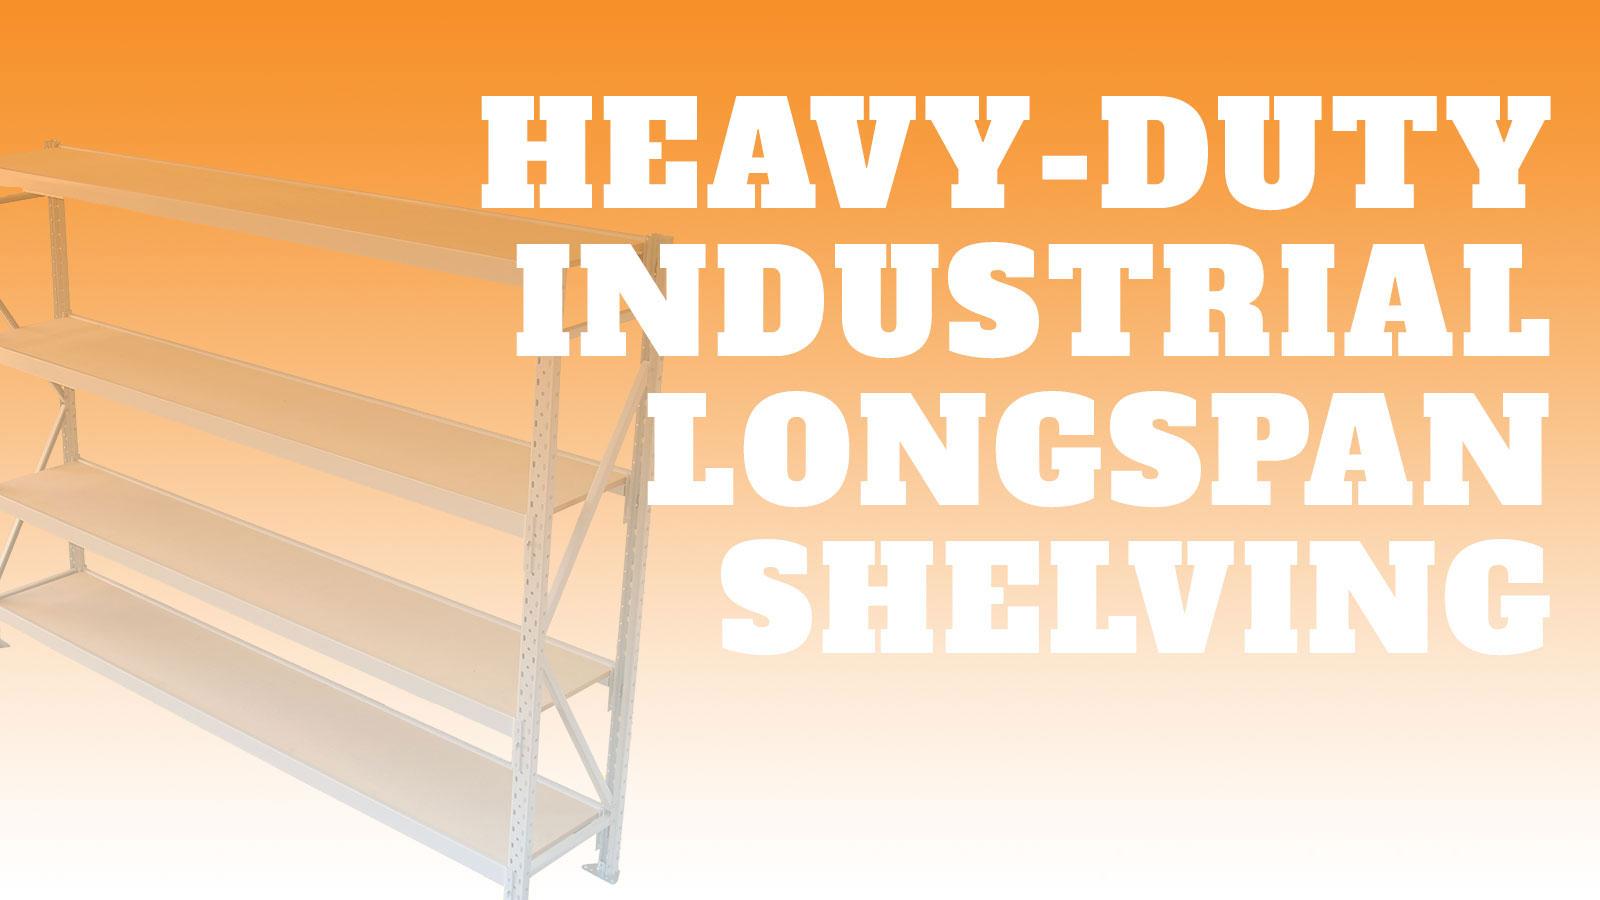 Industrial-Heavy-Duty-Industrial-Longspan